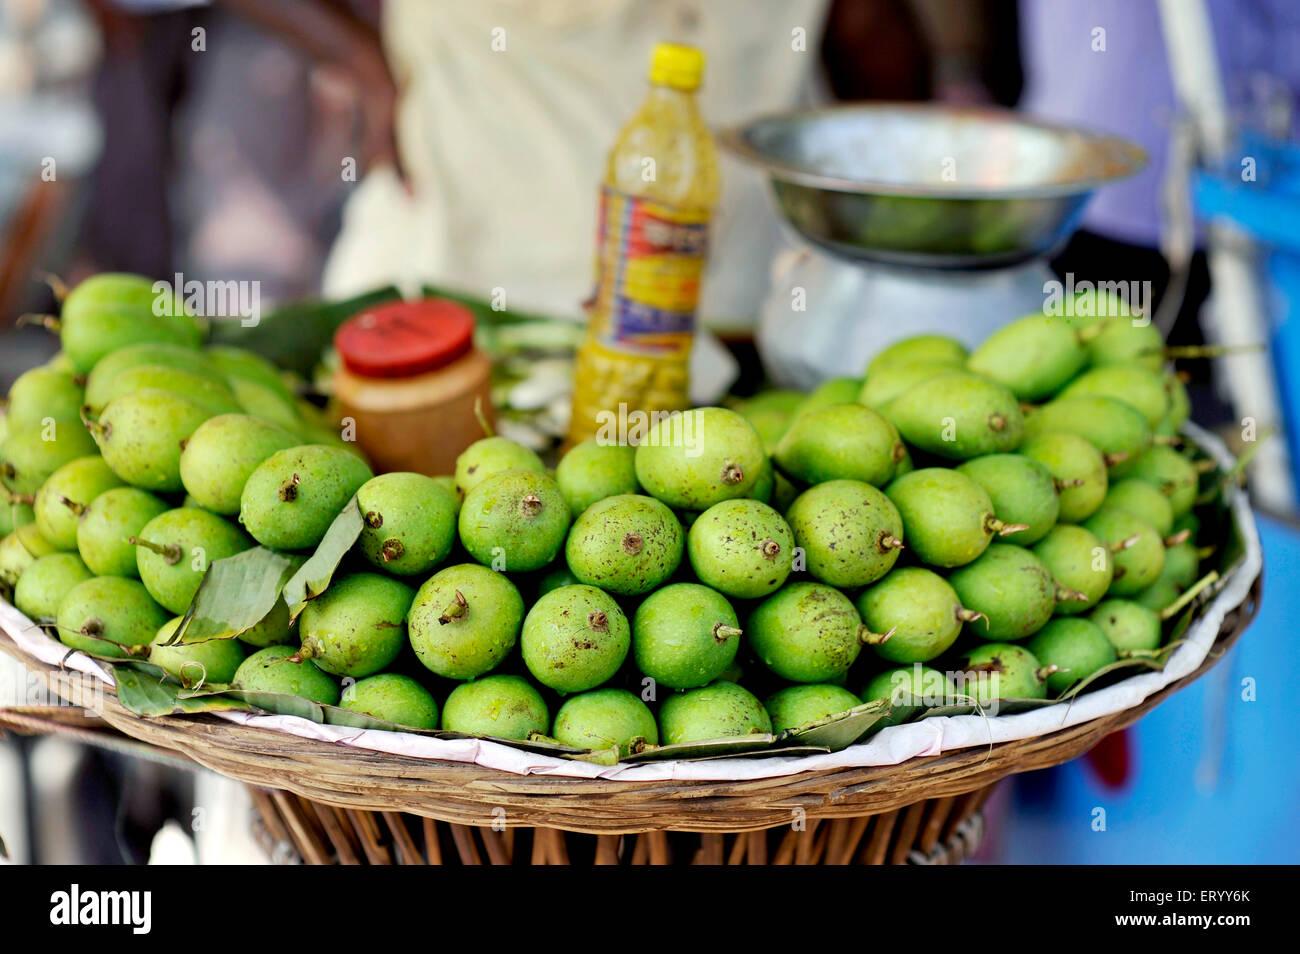 Los mangos verdes para vencer el calor del verano en el mercado dominical en Calcuta, India Imagen De Stock